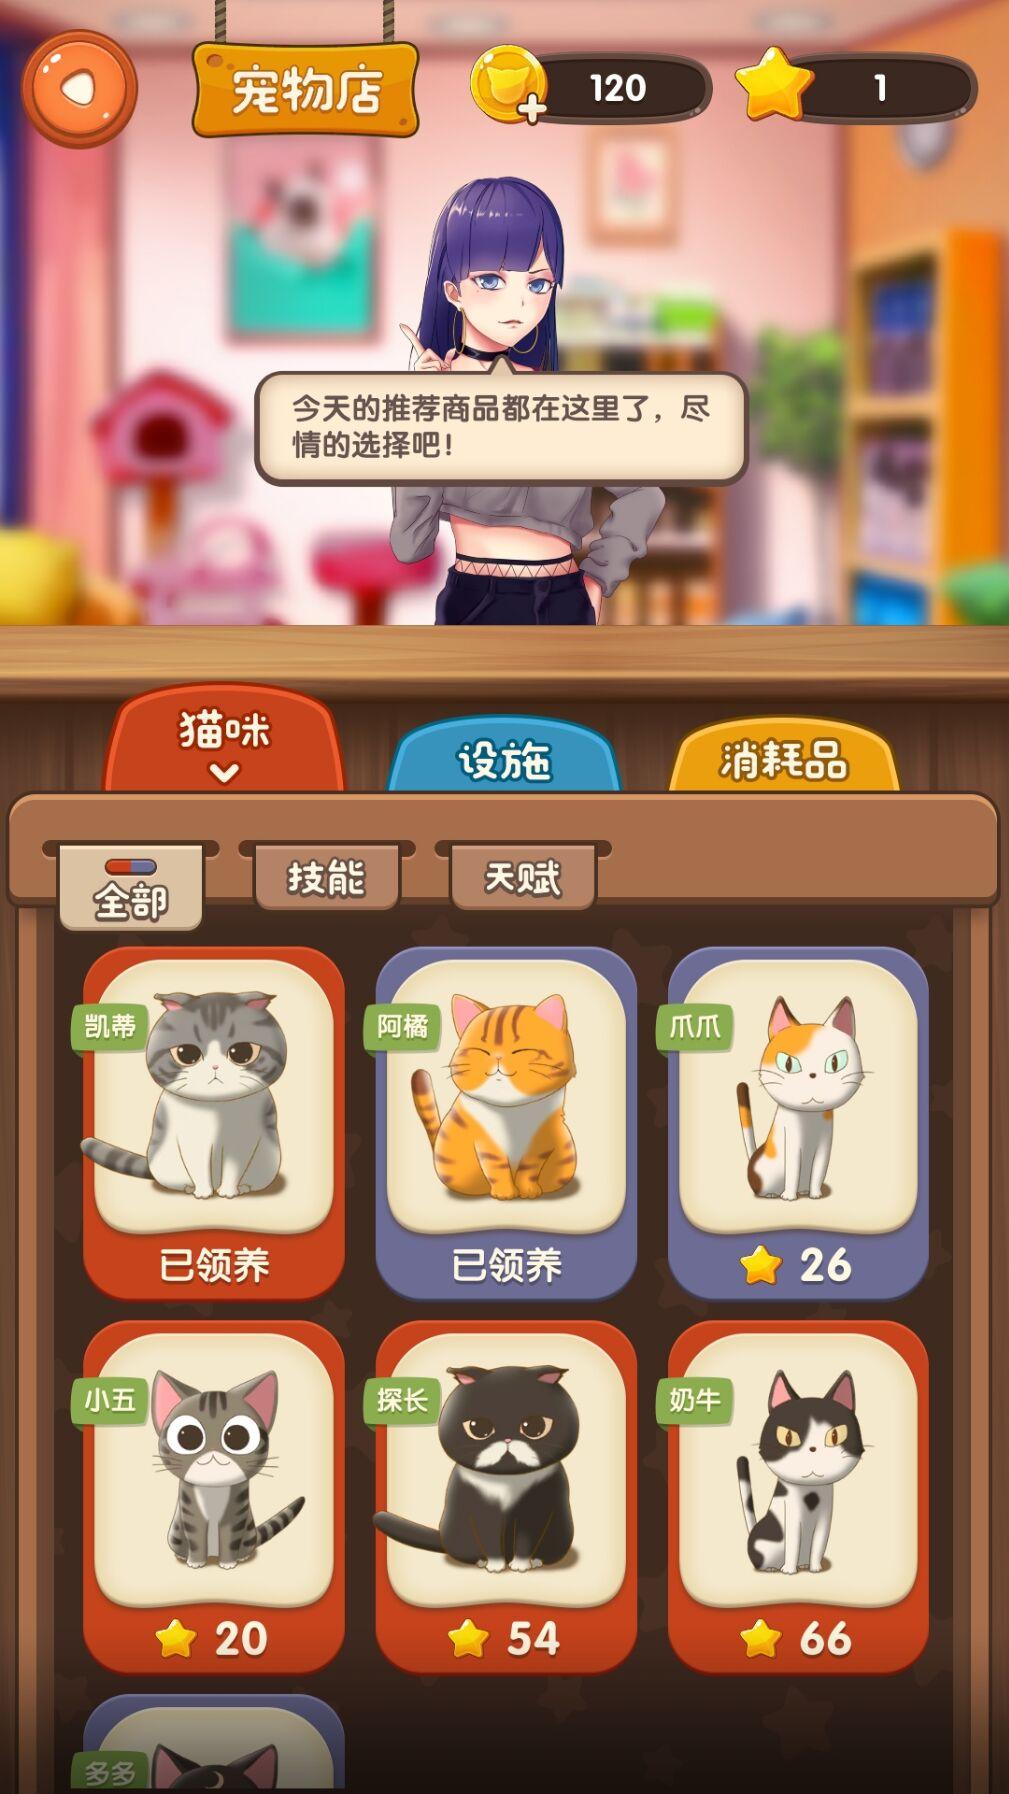 猫语咖啡官方测试服1.1.1安卓版 v1.1.1截图